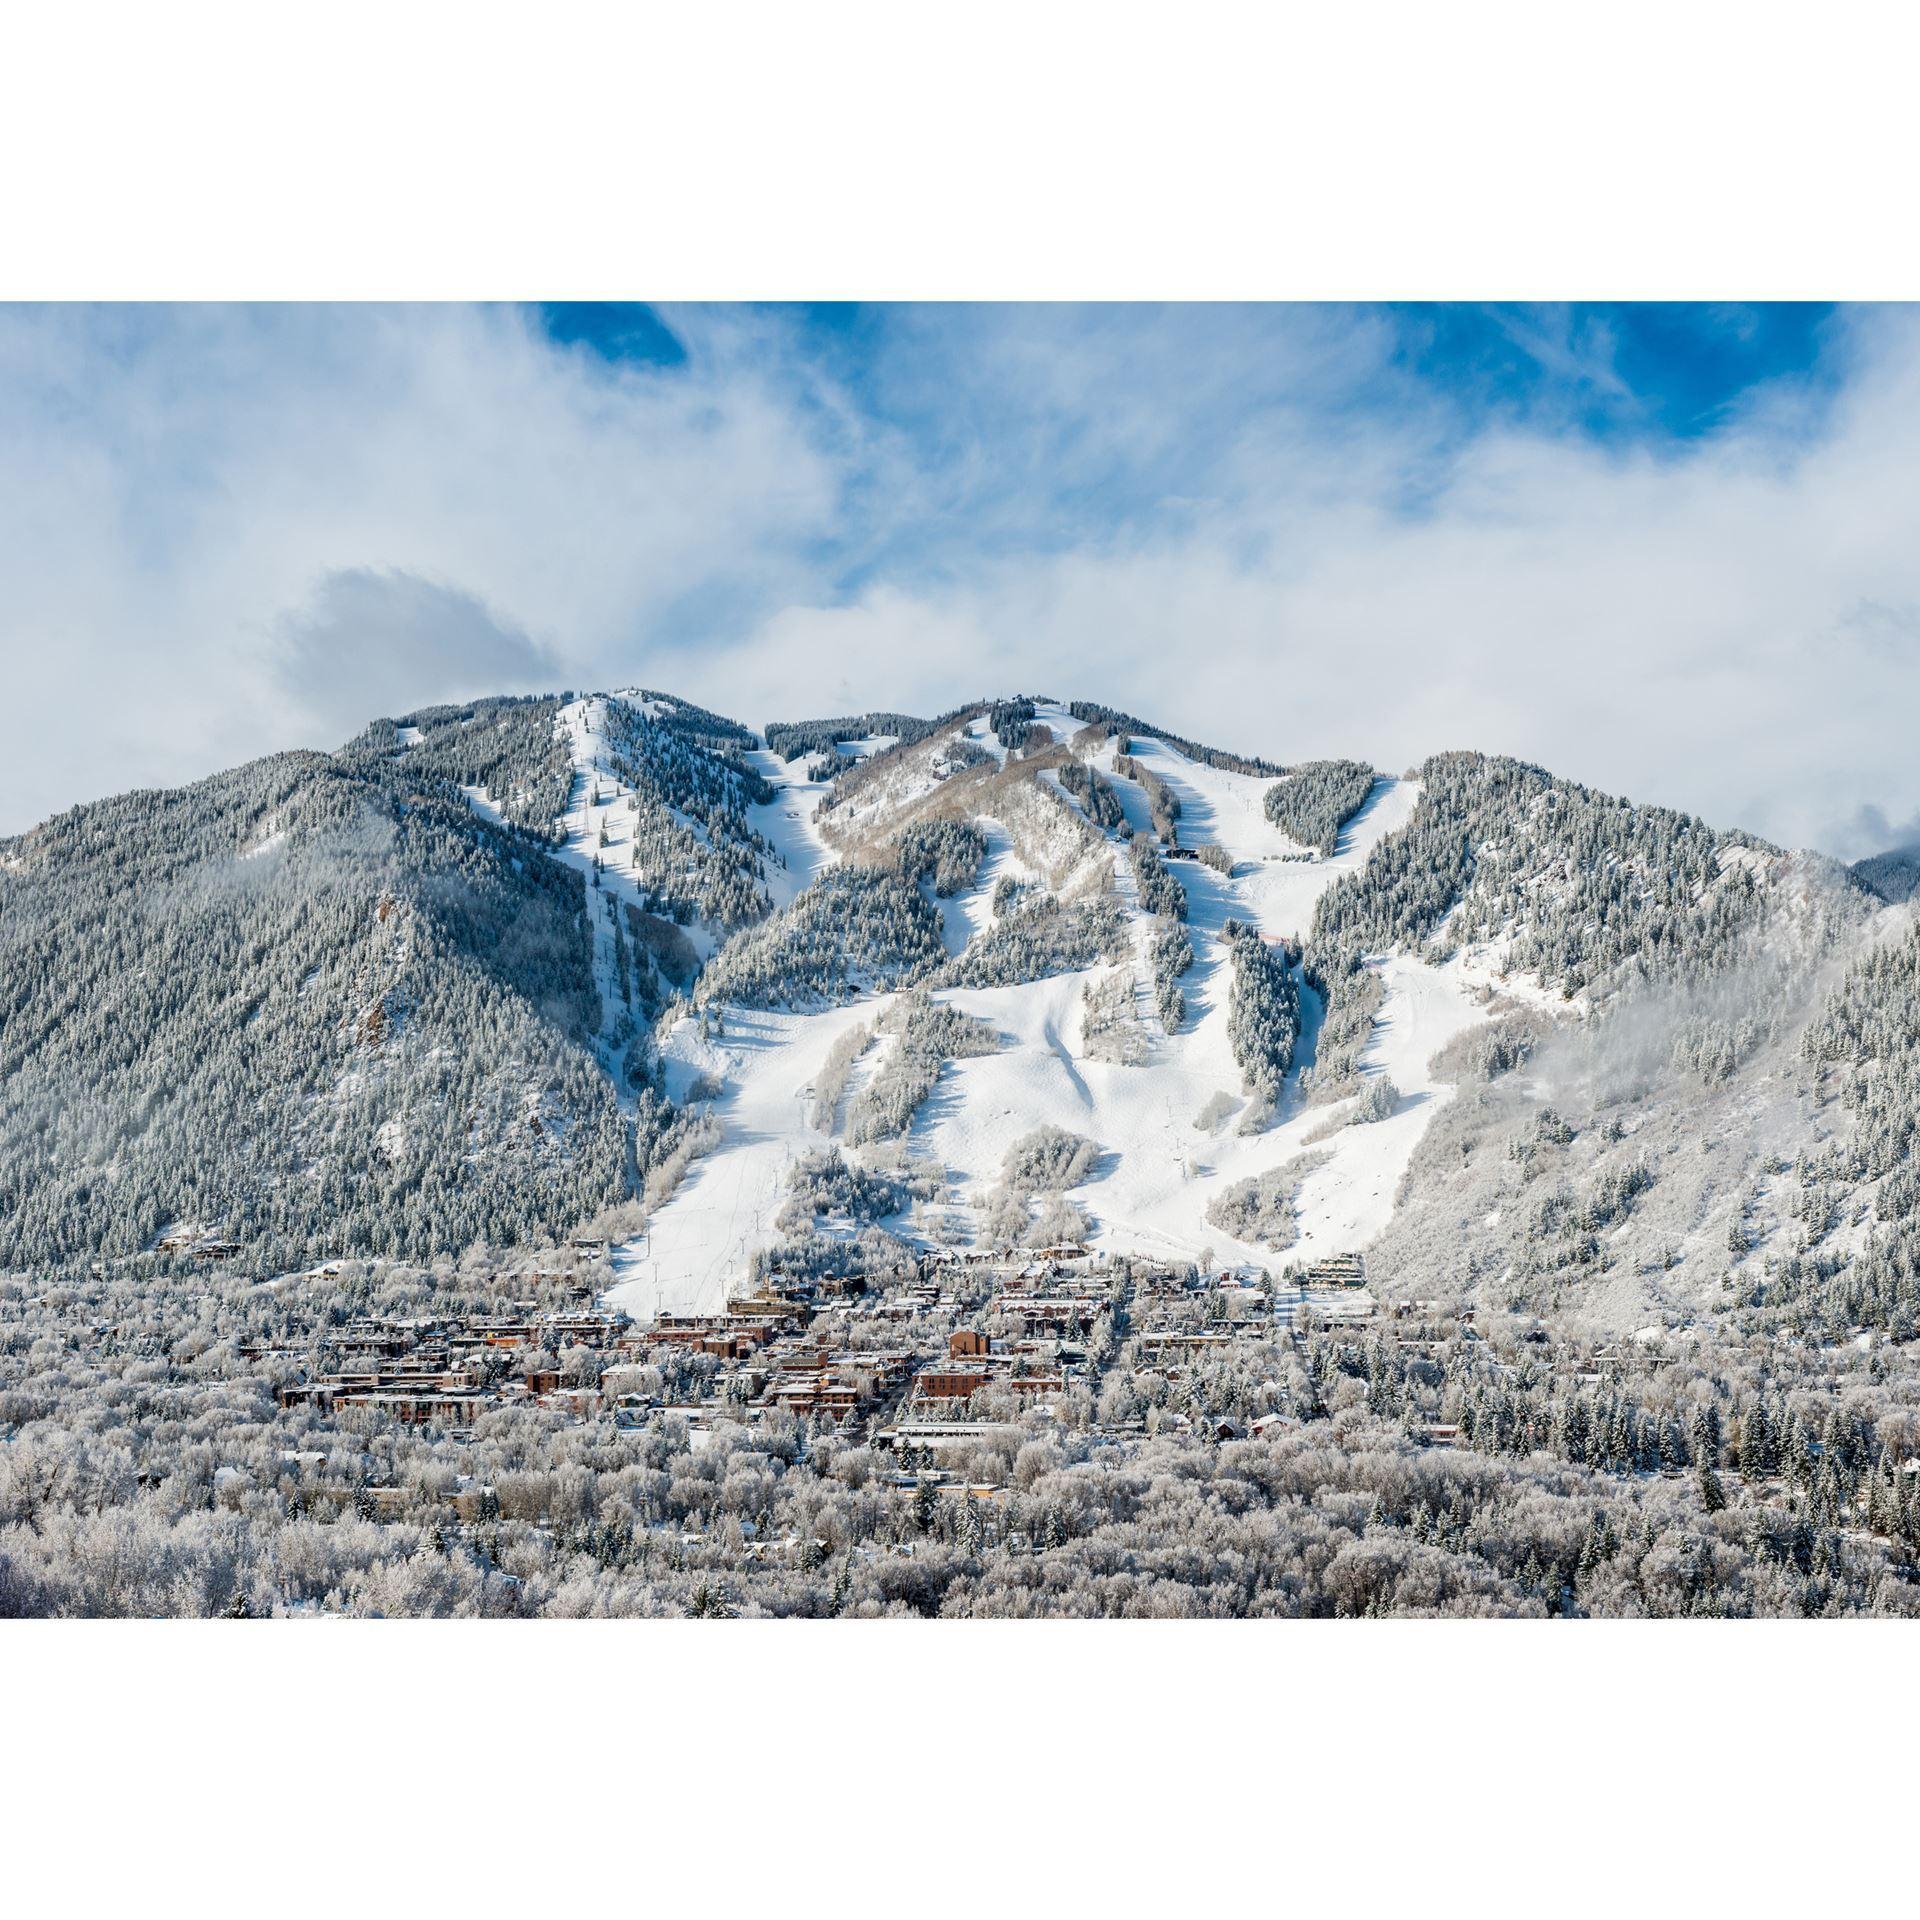 Winter Wonderland In Aspen CO 24x36